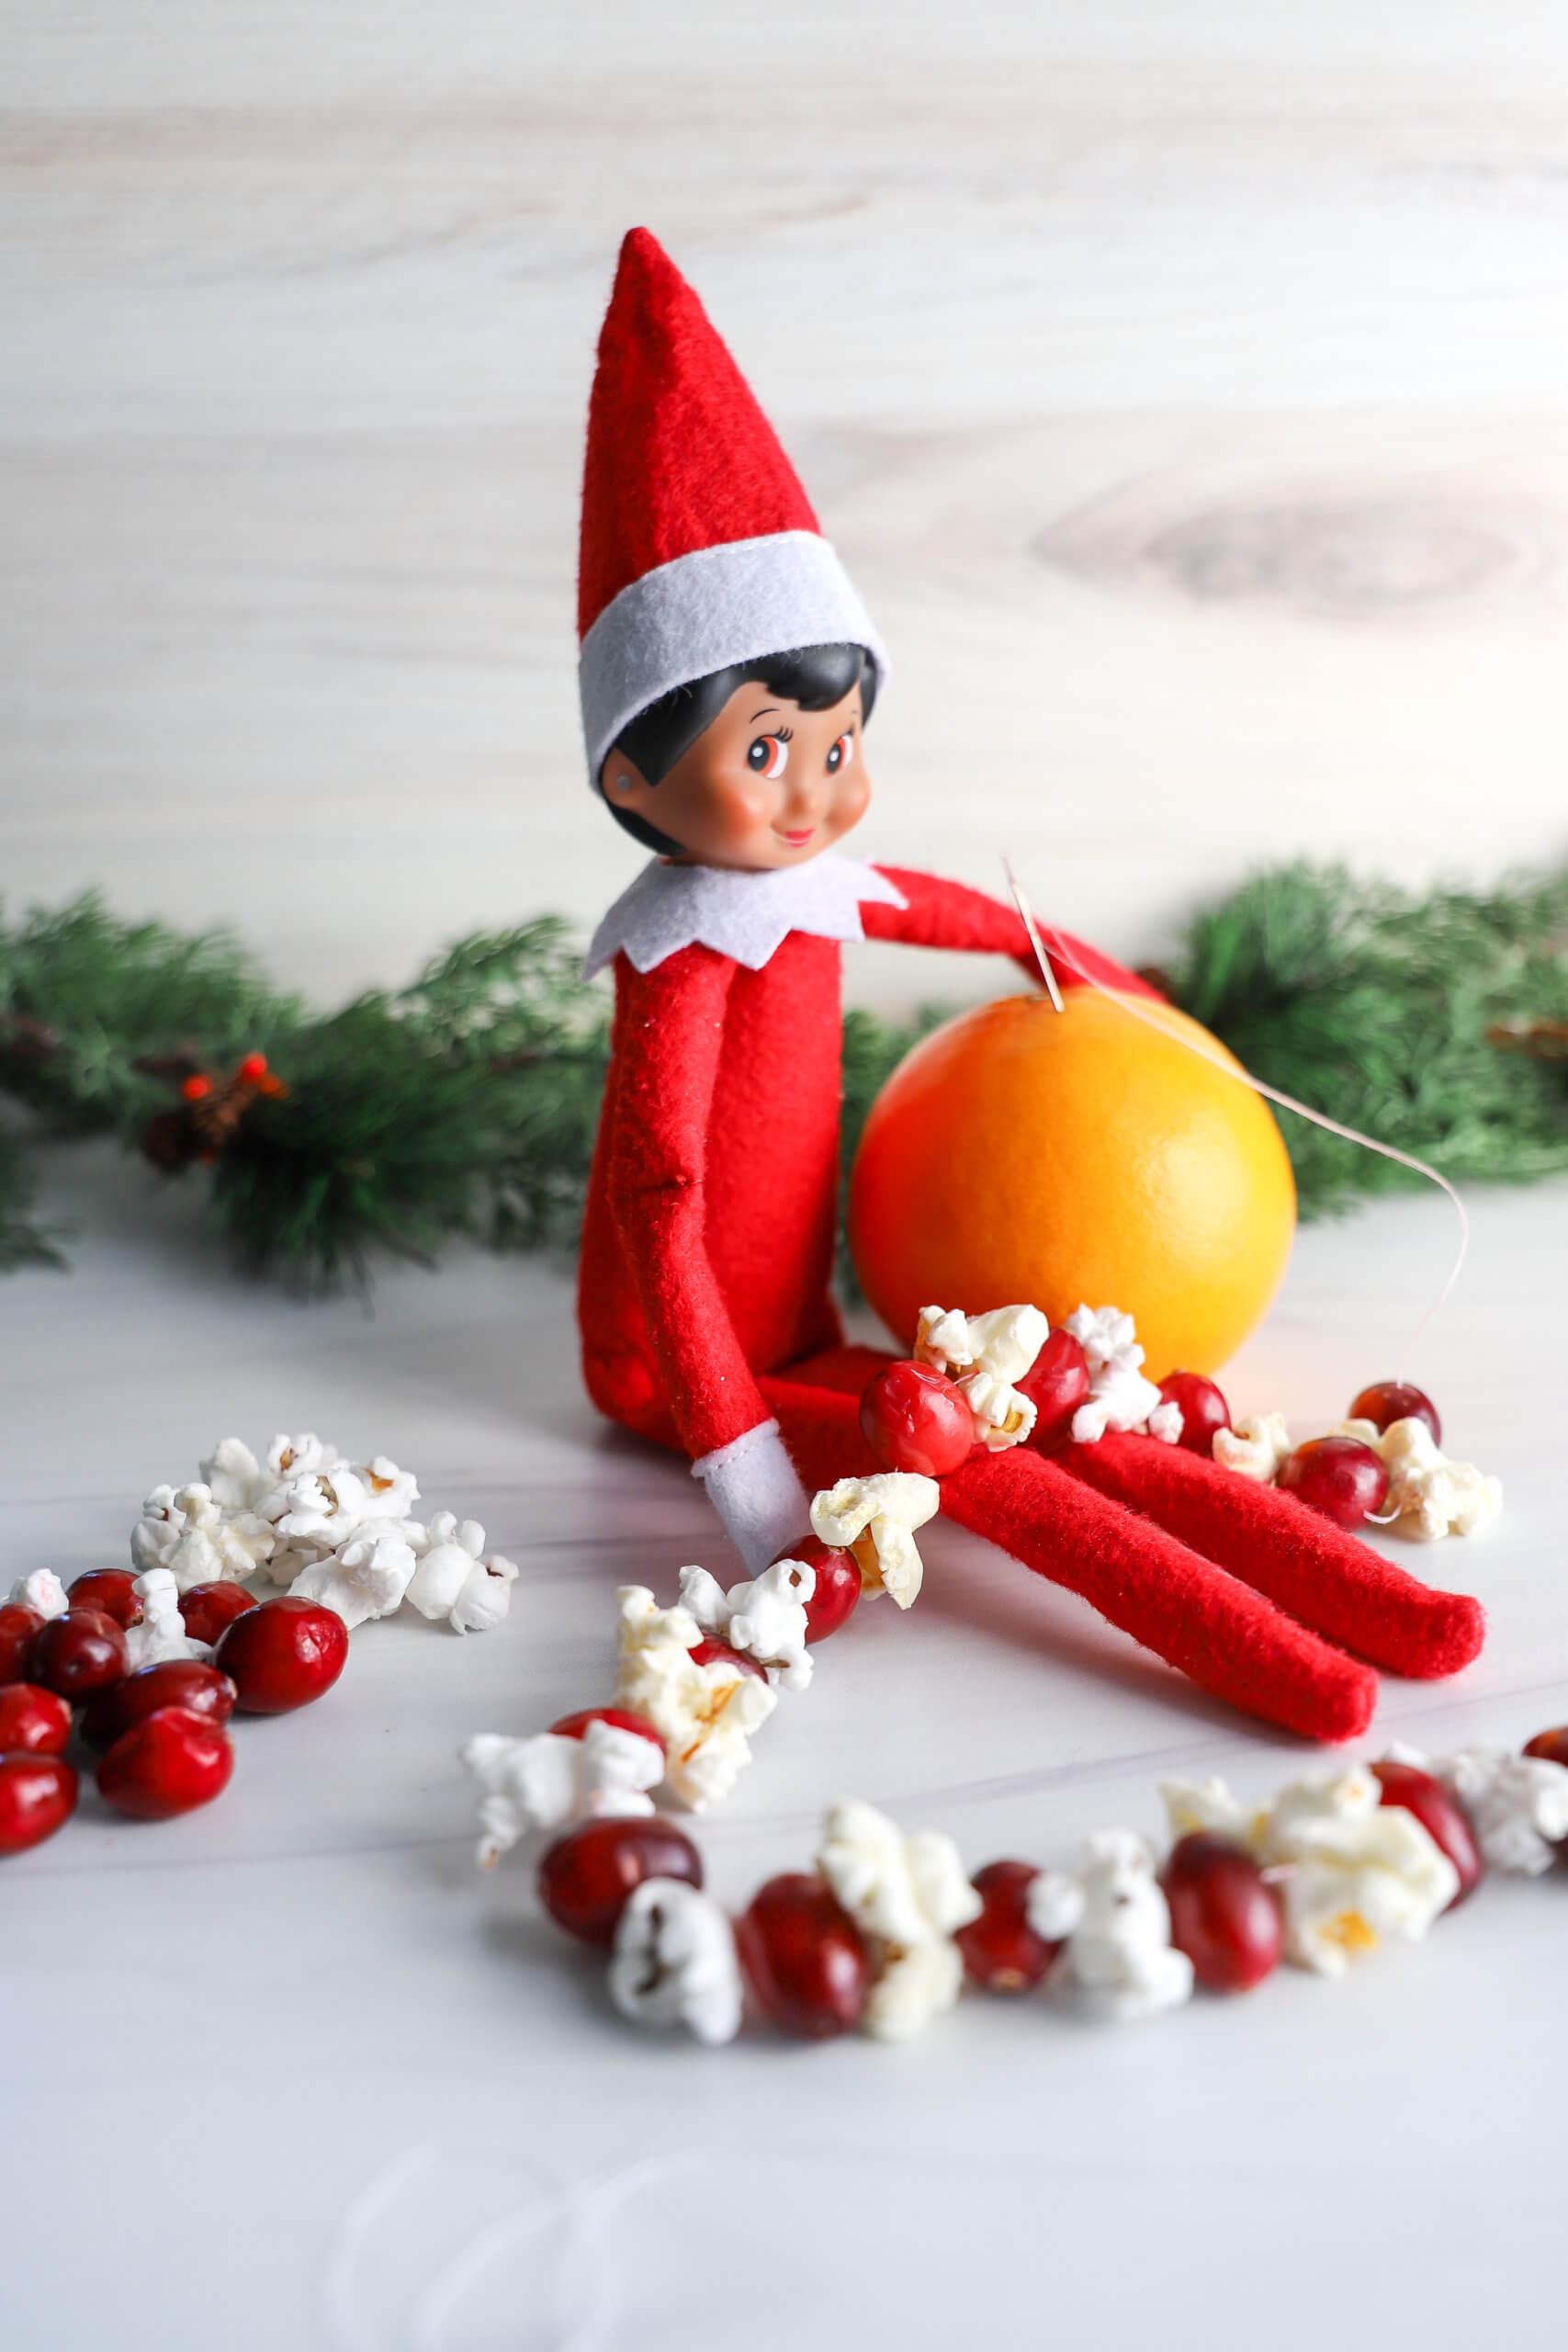 Easy Elf on the Shelf Ideas: Stringing Garland